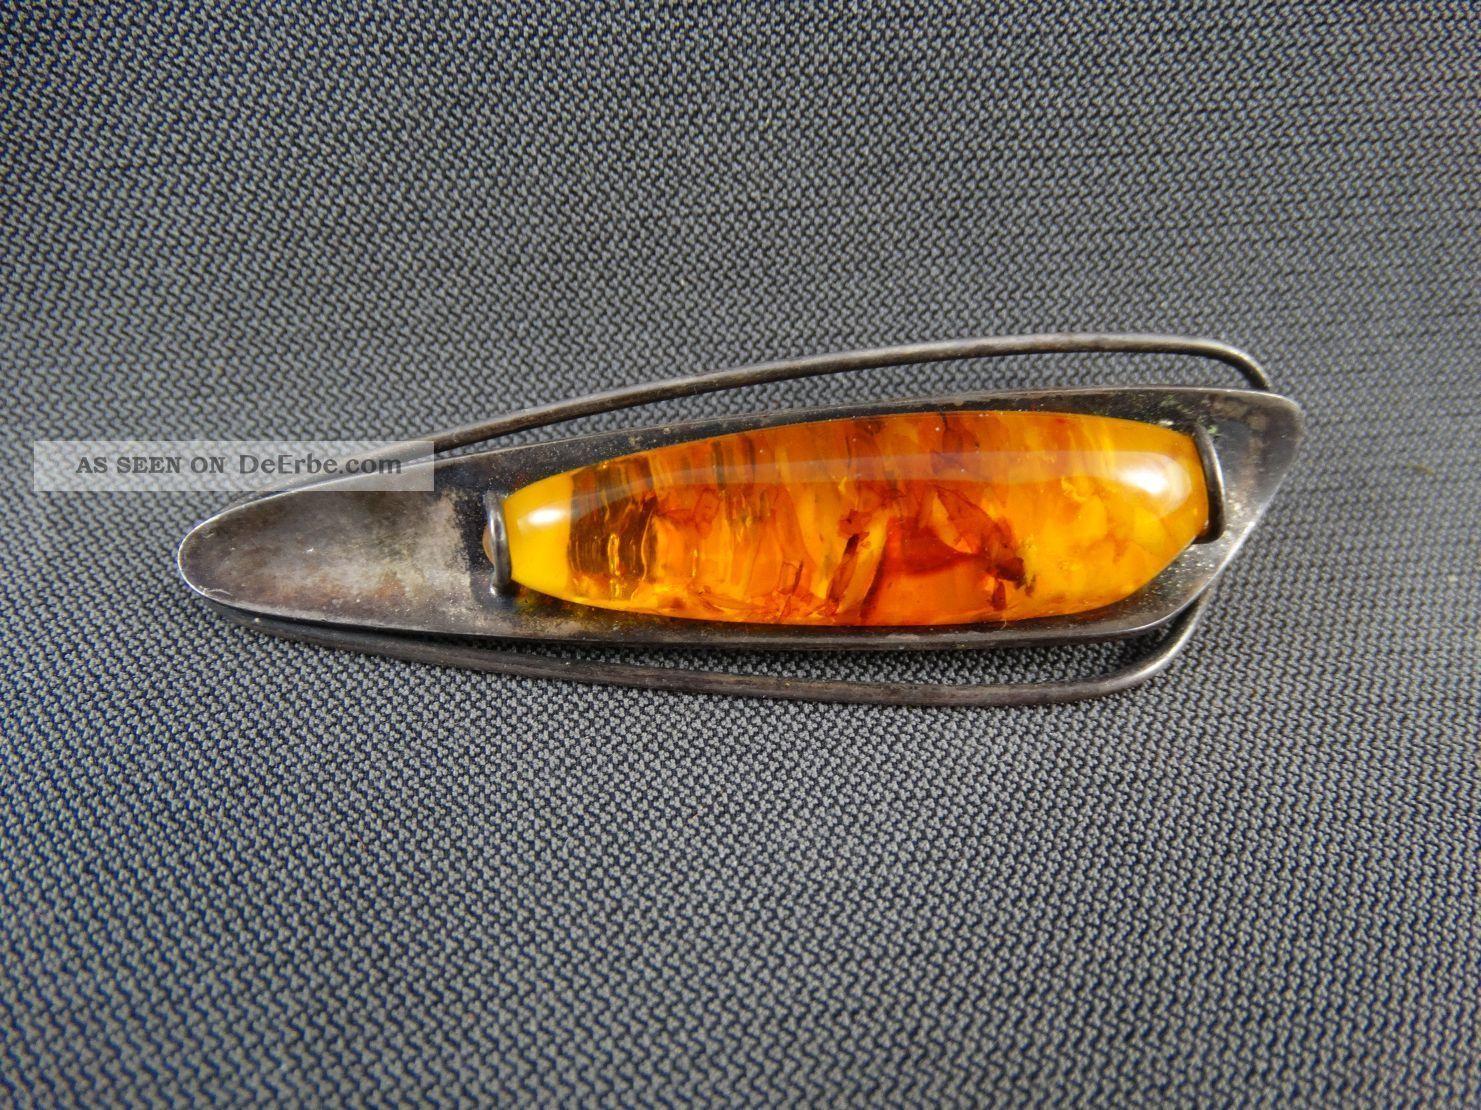 Schmuck Schmuckstück Brosche Bernstein Silber 835 Fischland Broschen Bild